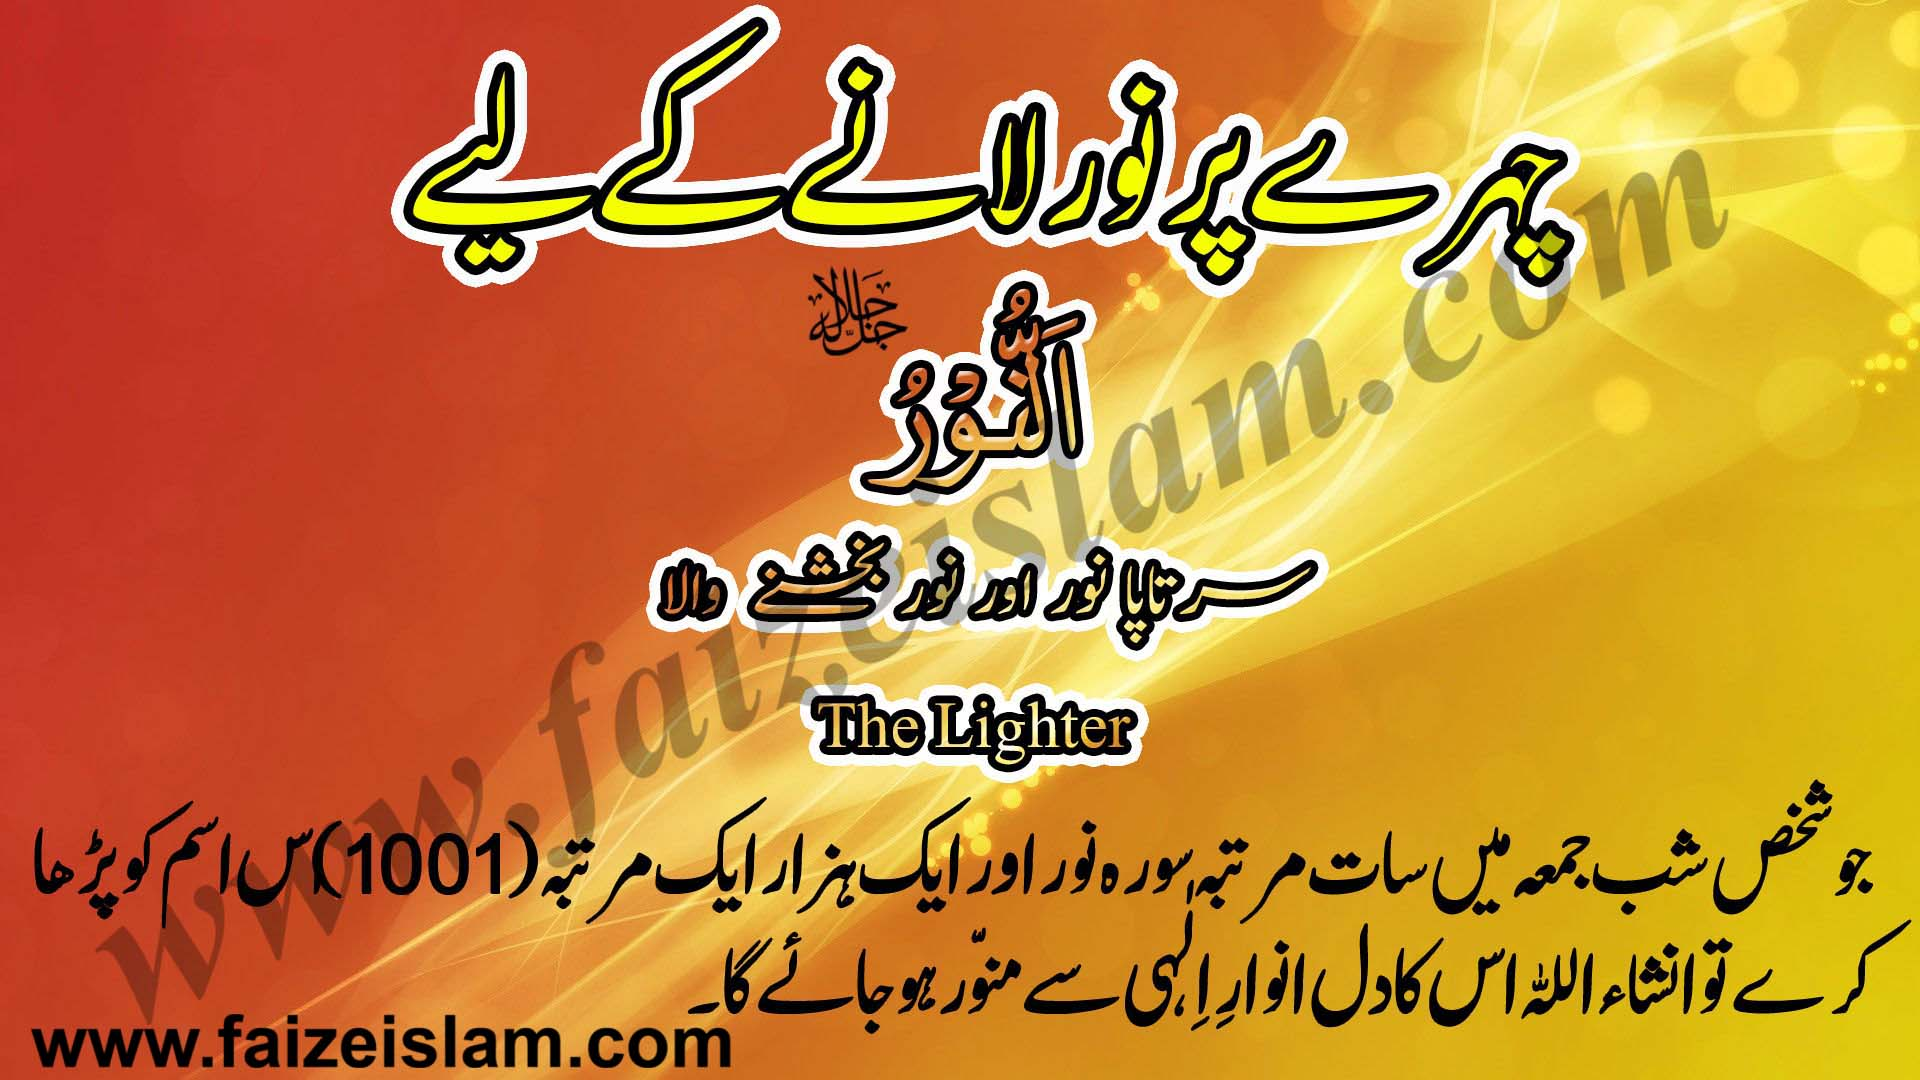 Chehray Par Noor Lanay Kay Liye Wazifa In Urdu